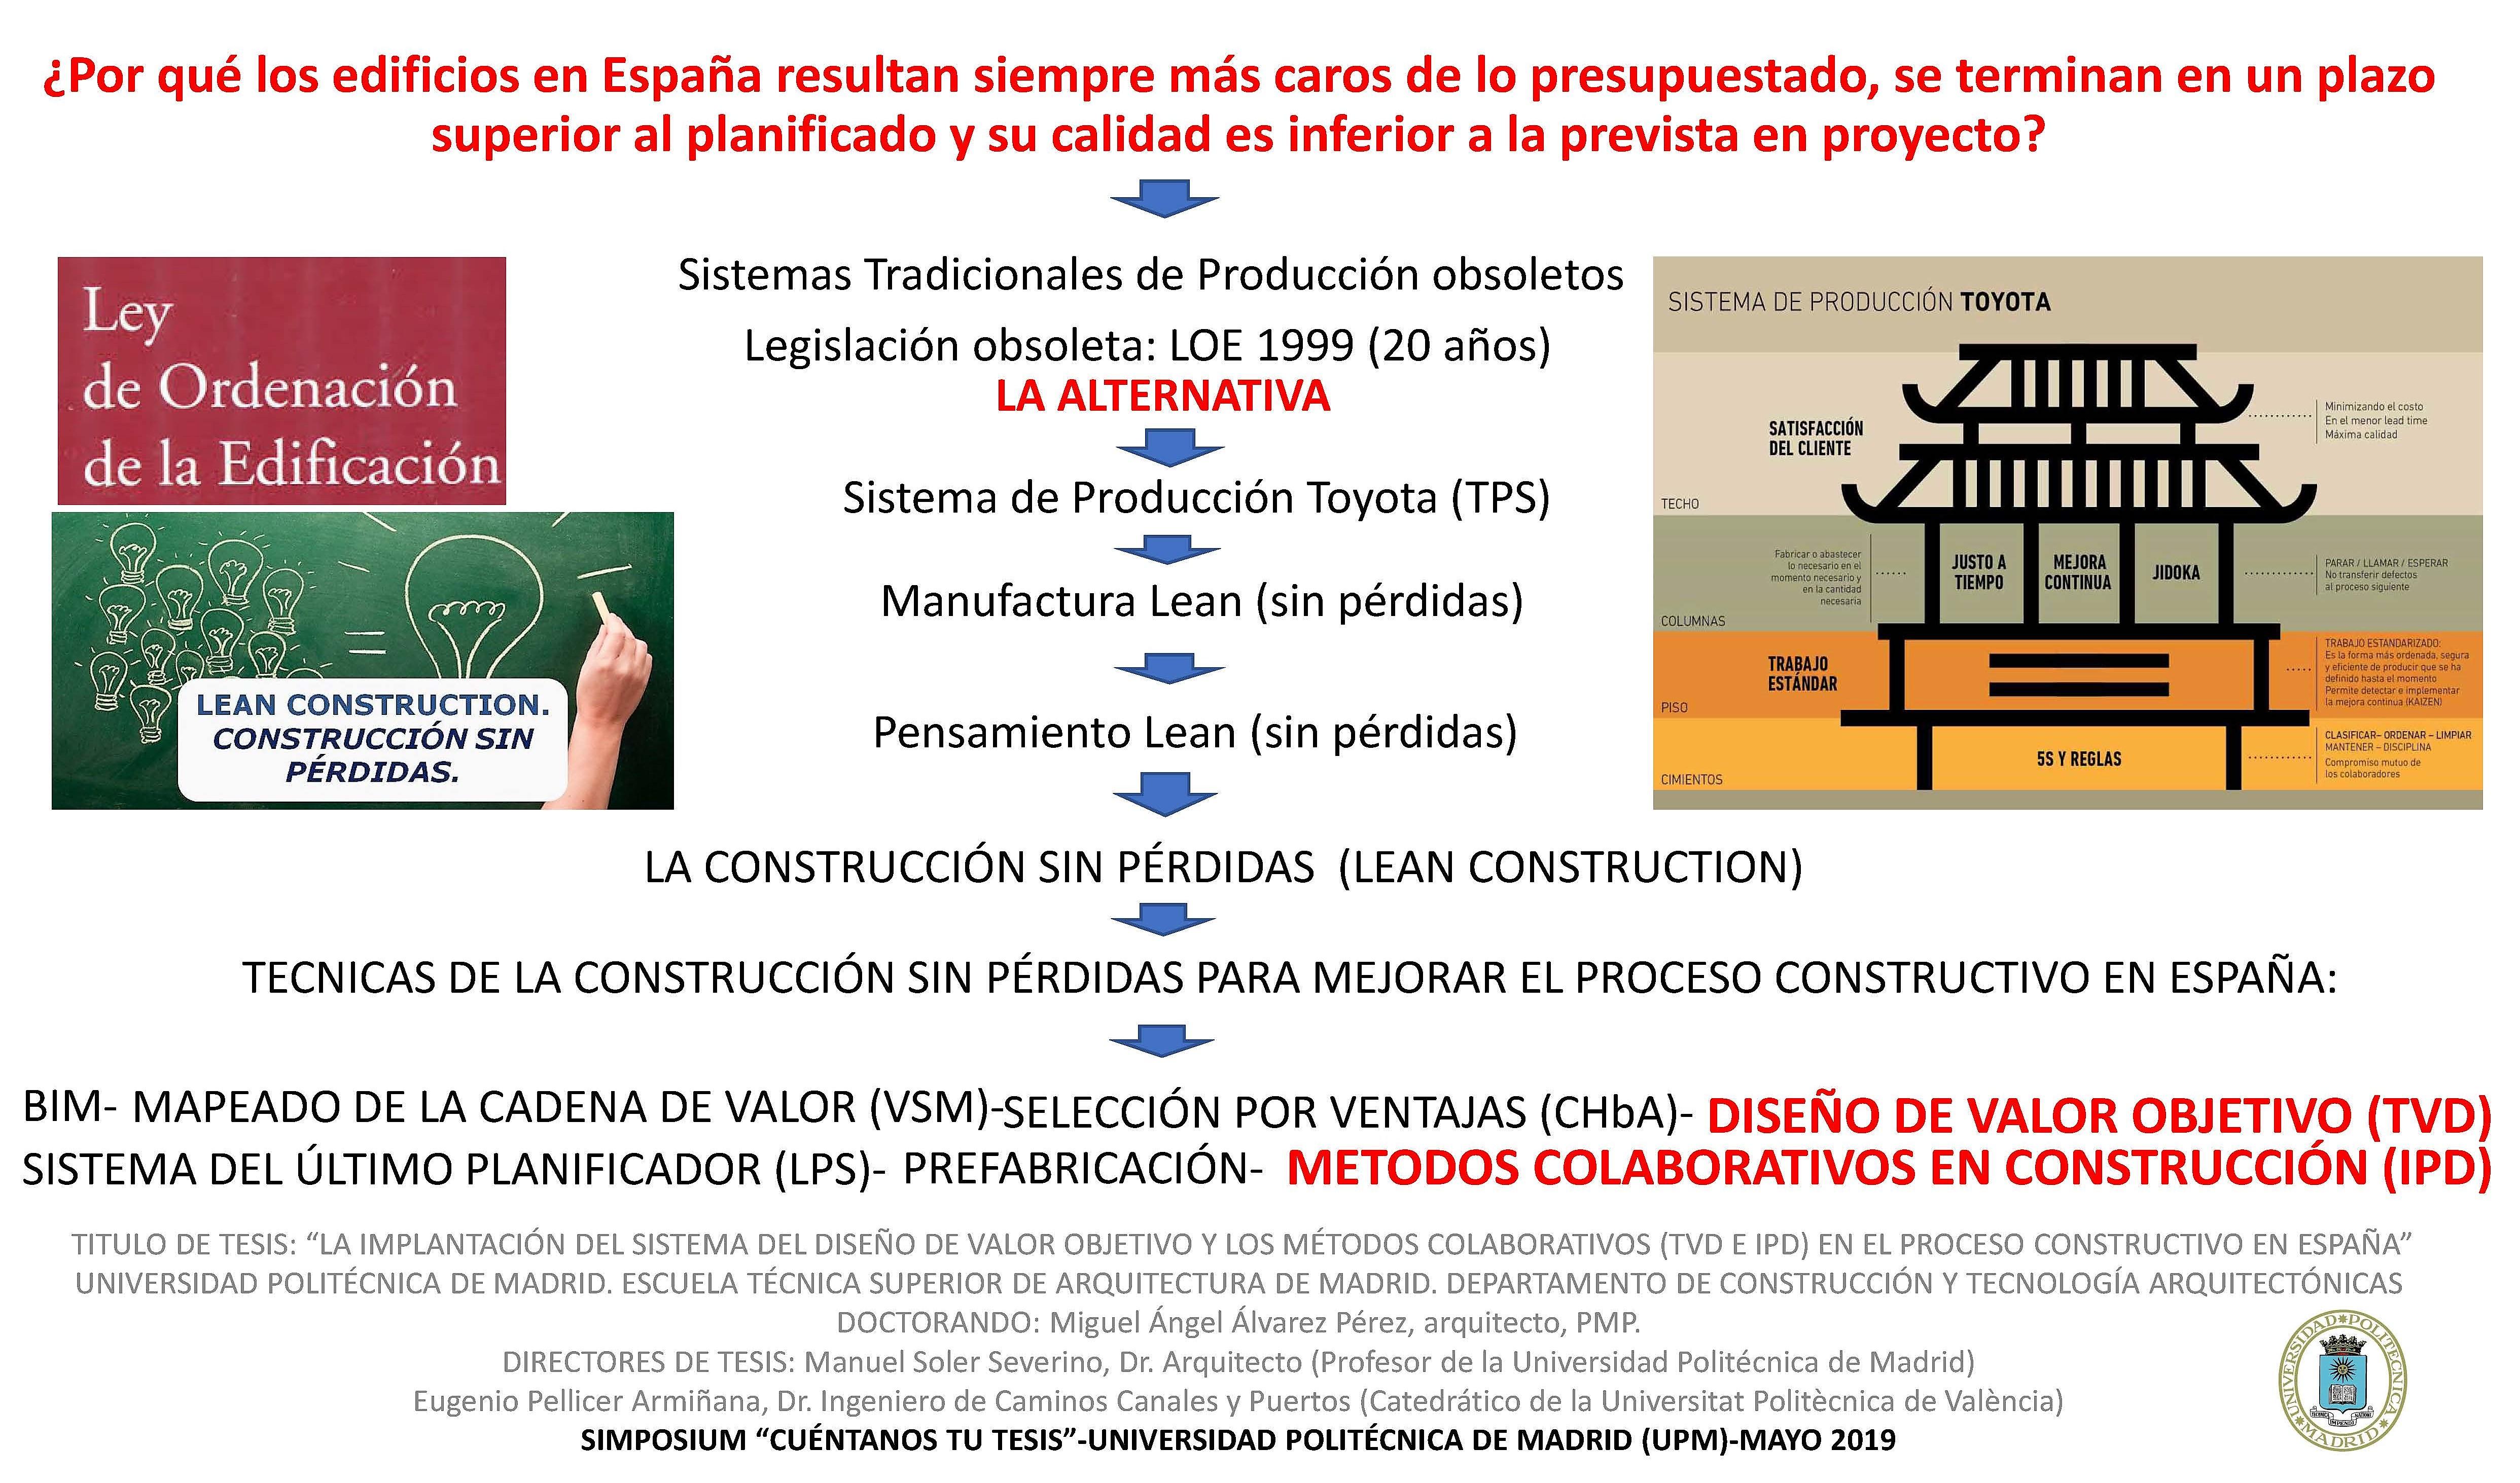 PRESENTACION SIMPOSIUM 2019 1 Diapositiva